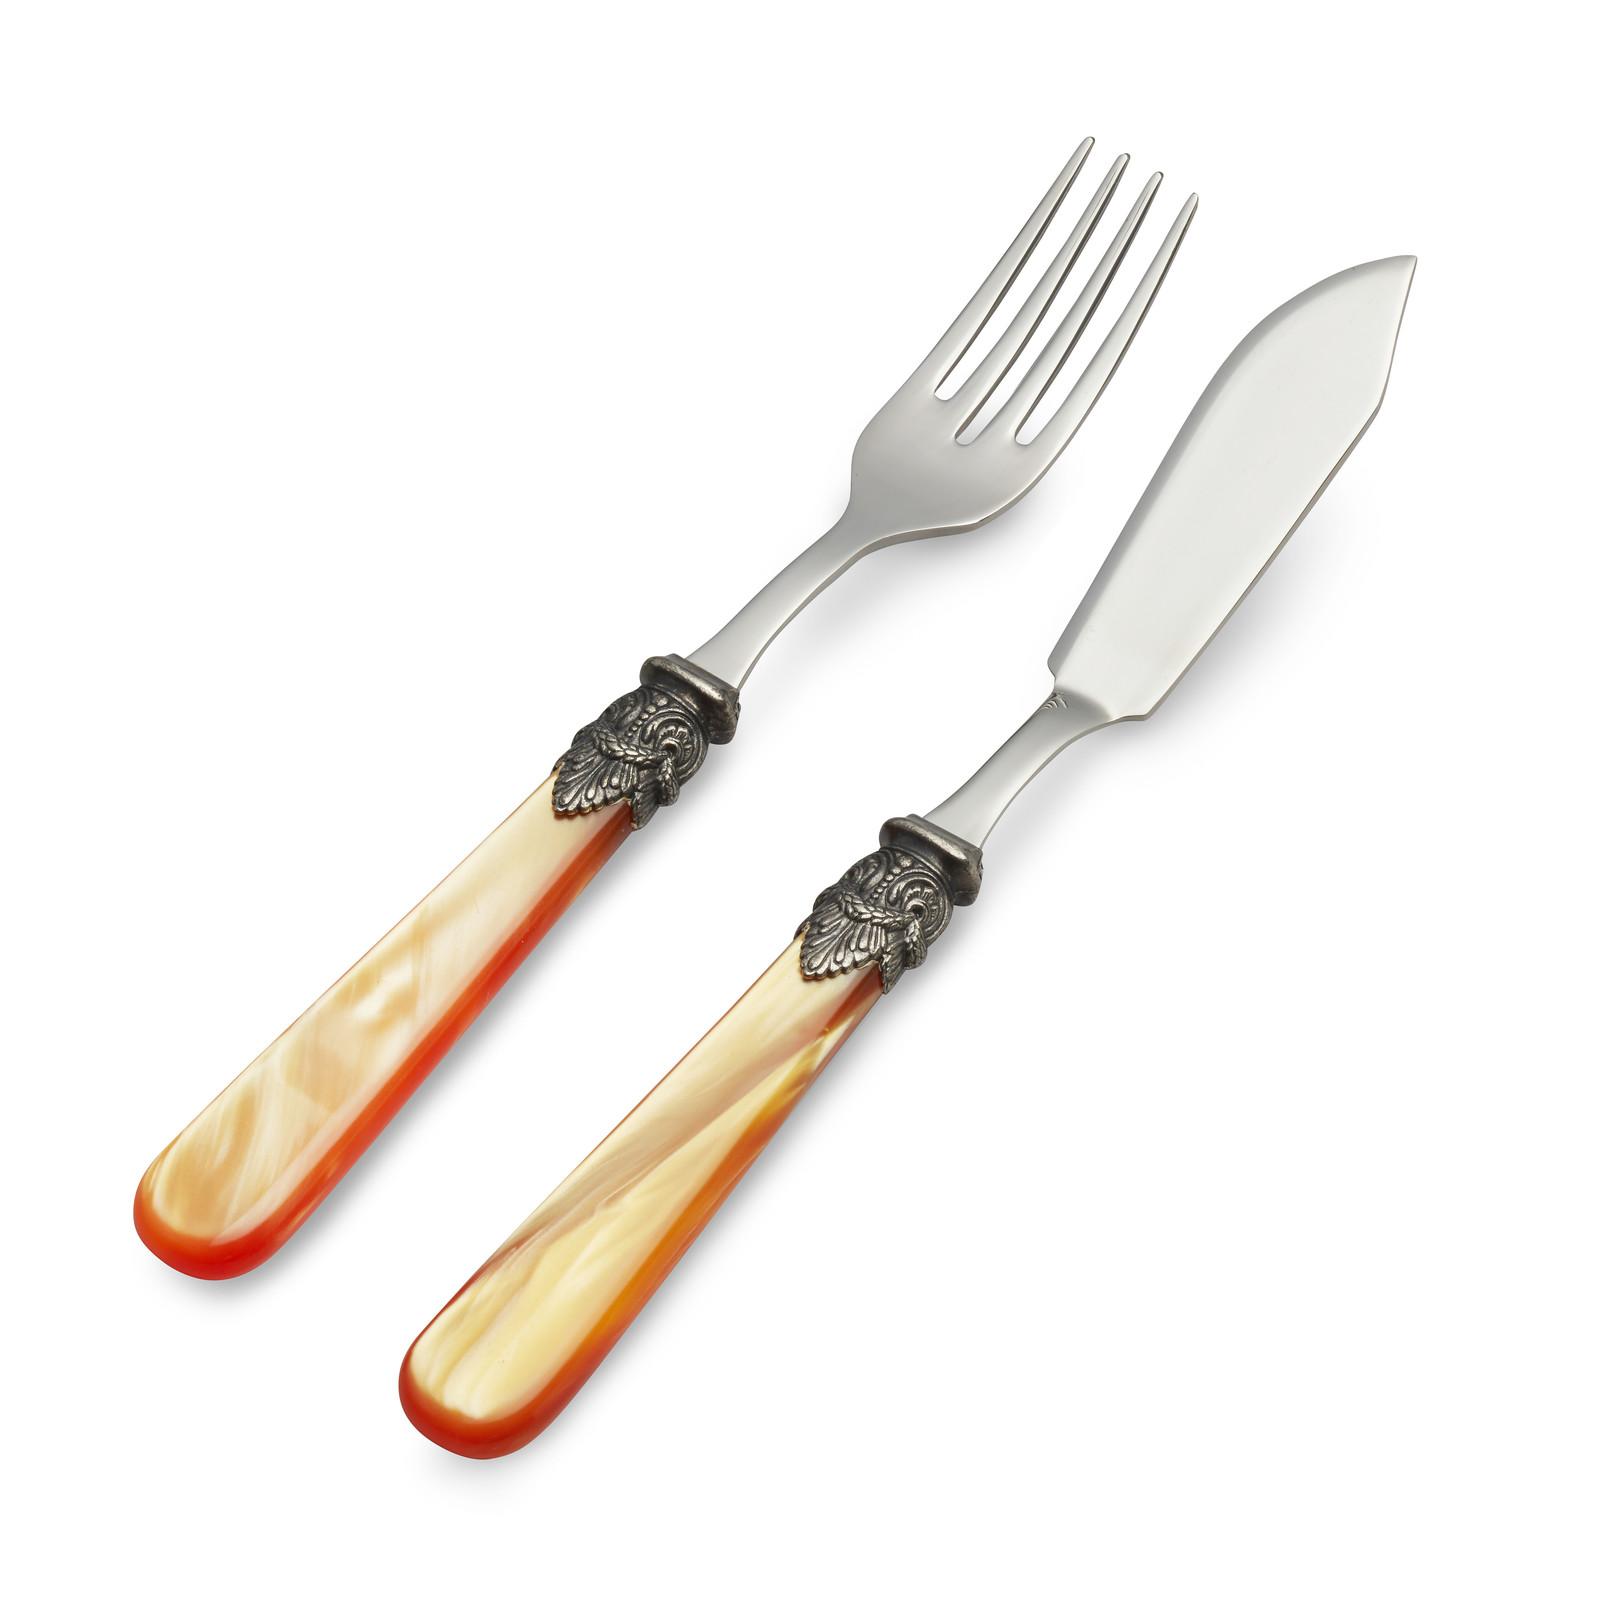 Vis Bestekset, 2-delig (vismes en visvork), Oranje met Parelmoer, 1 persoon